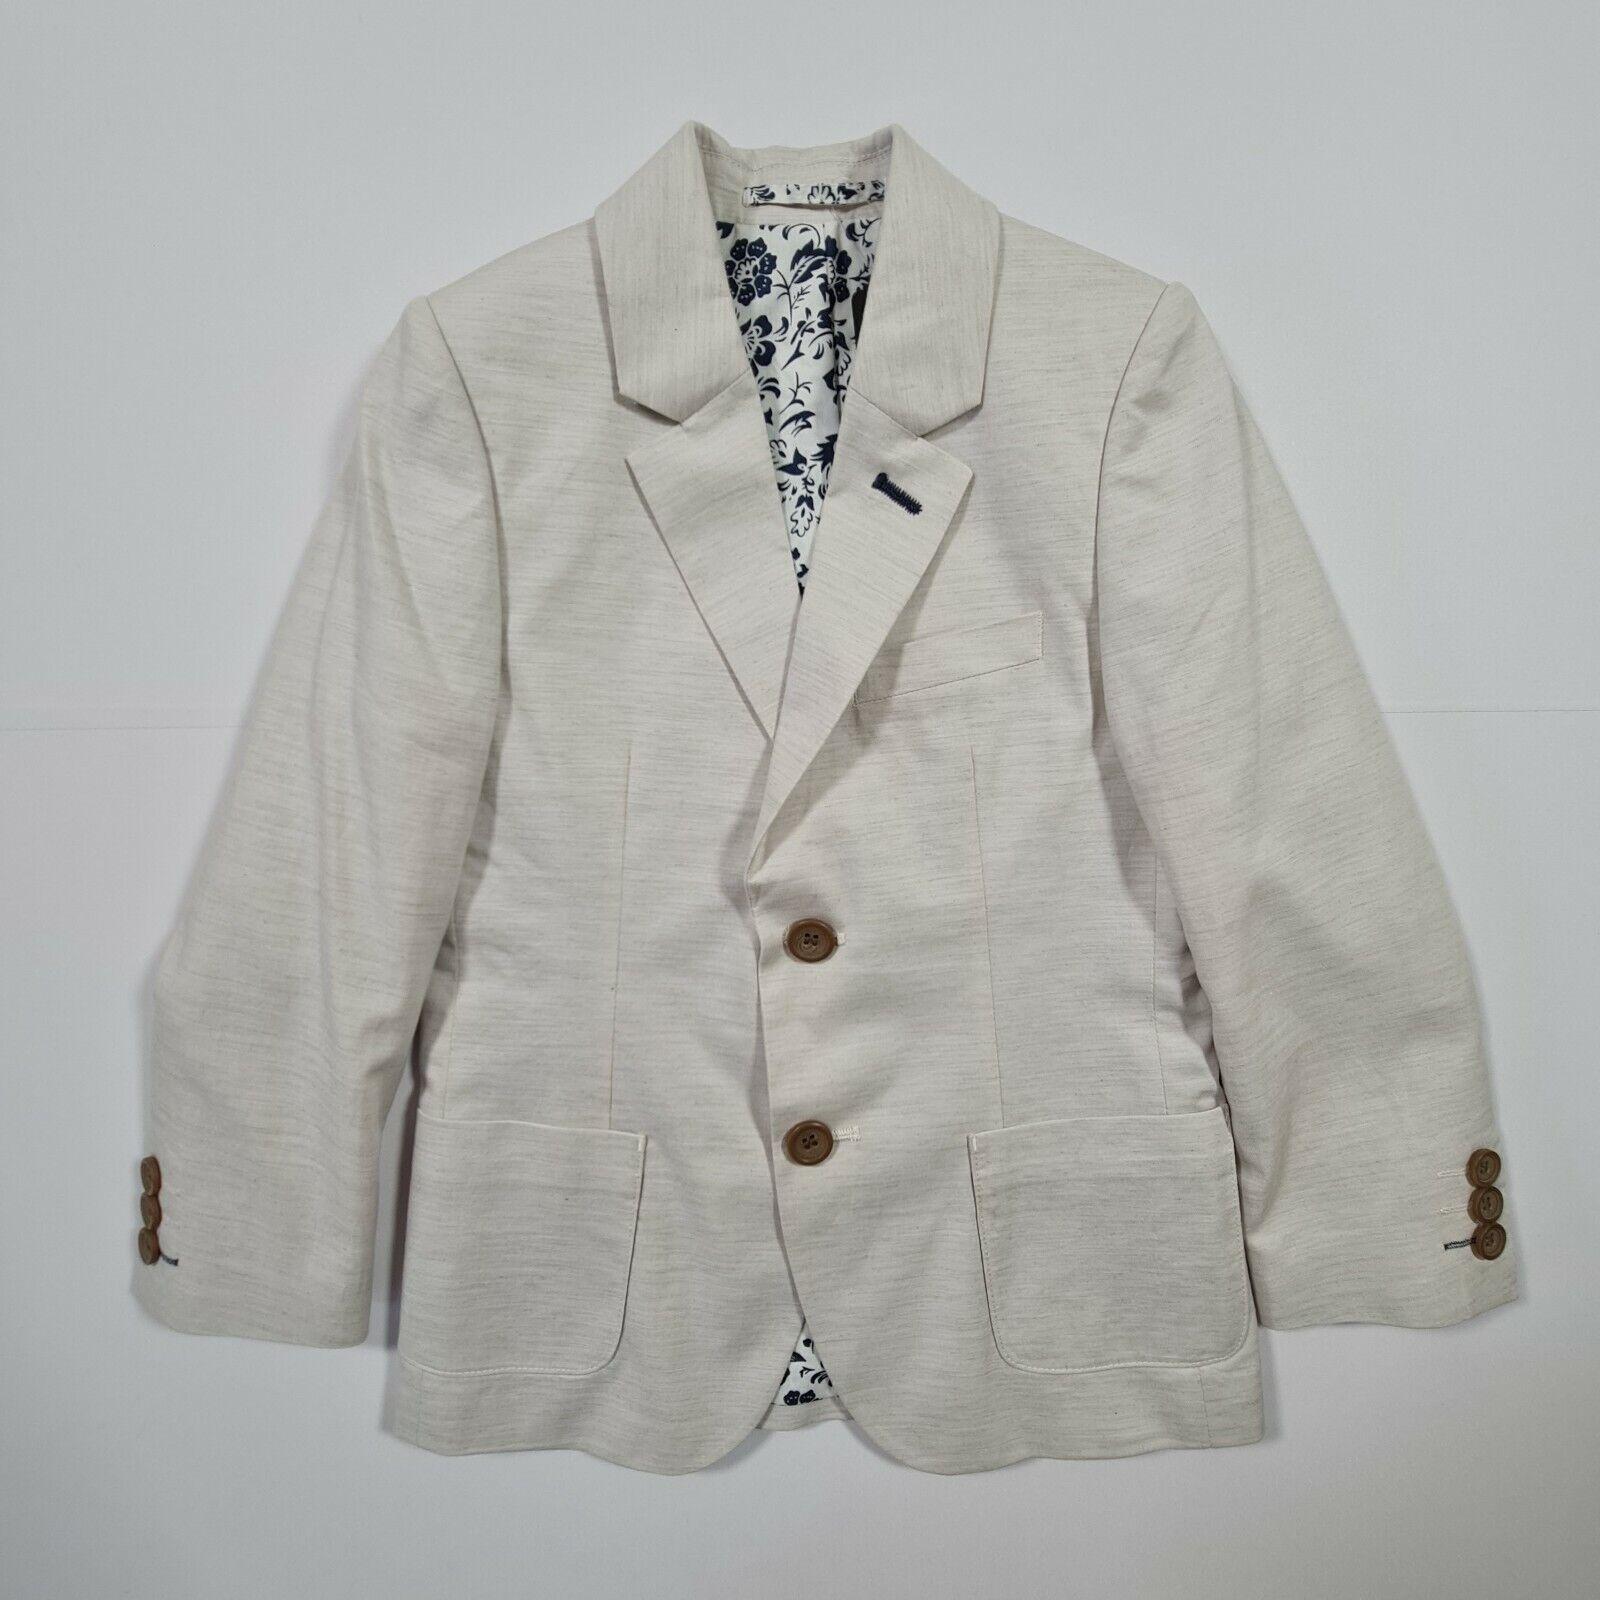 Boys Grey Twill Suit Jacket Blazer Kids Age 6 Years